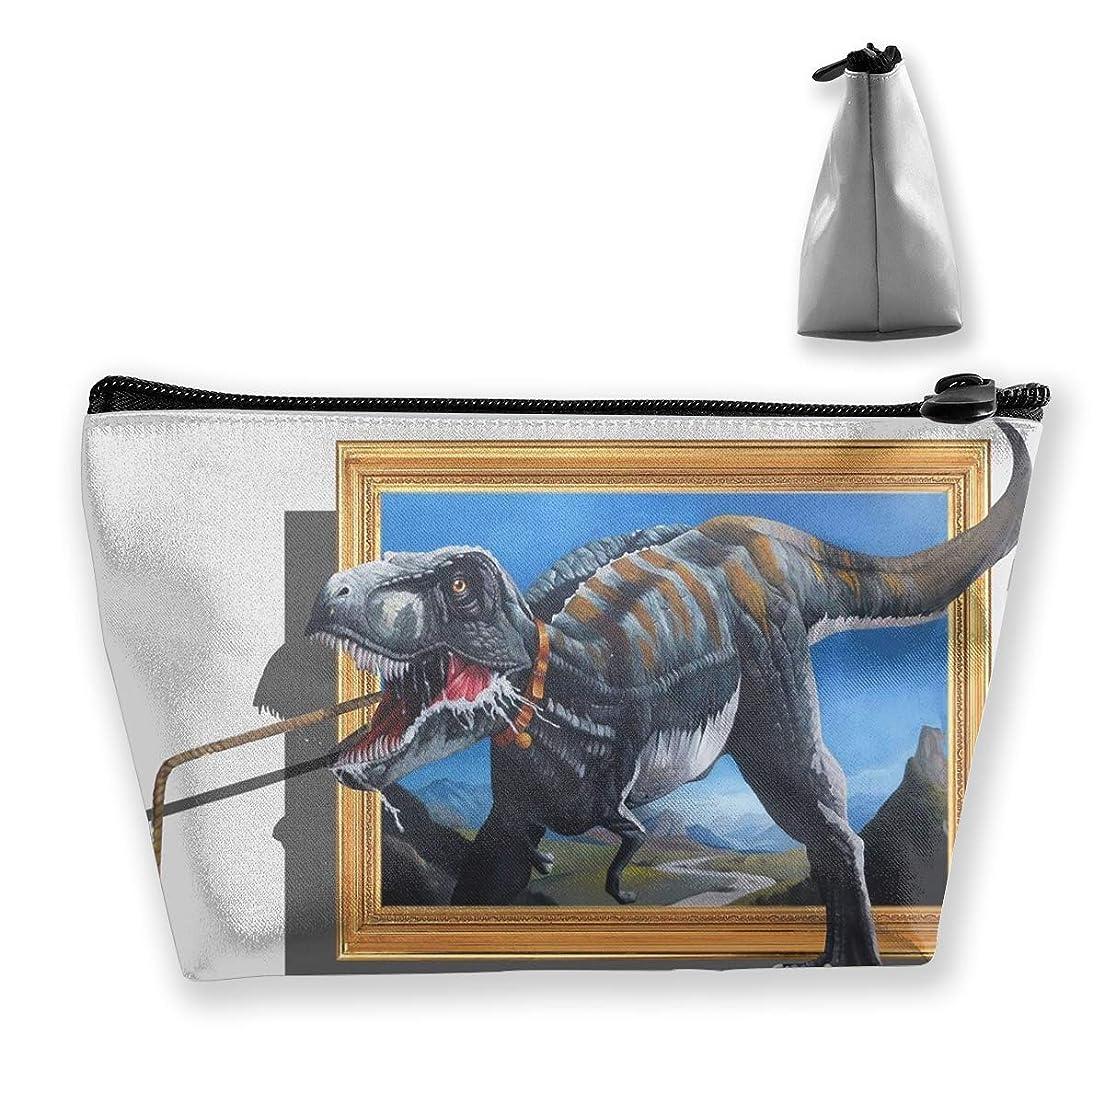 夜明けに書店しない狩猟恐竜3D ペンケース文房具バッグ大容量ペンケース化粧品袋収納袋男の子と女の子多機能浴室シャワーバッグ旅行ポータブルストレージバッグ